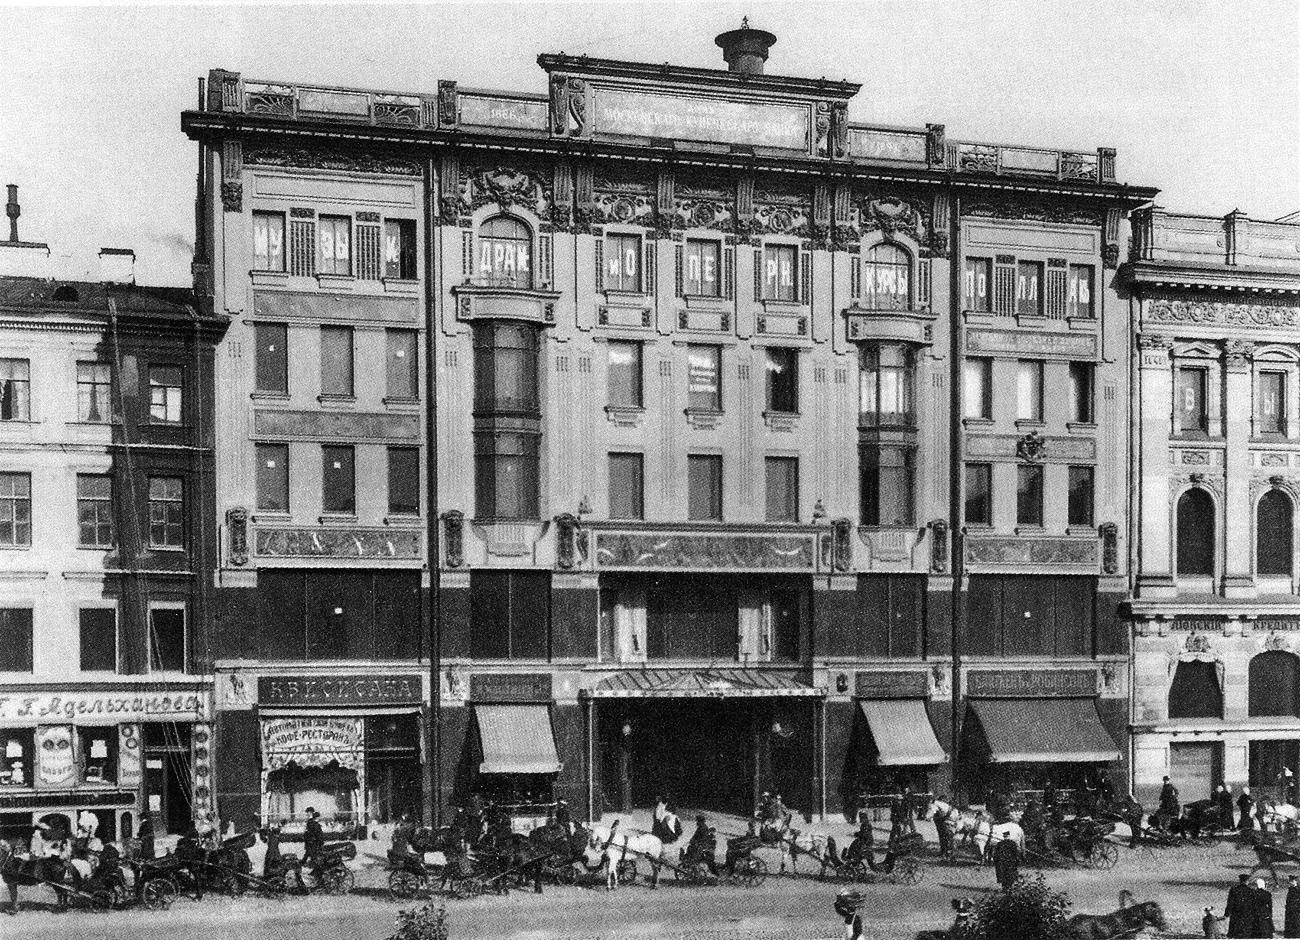 Das italienische Restaurant Quisisana im Newskij Prospekt 46, Sankt Petersburgs Hauptstraße. /  Archivfoto